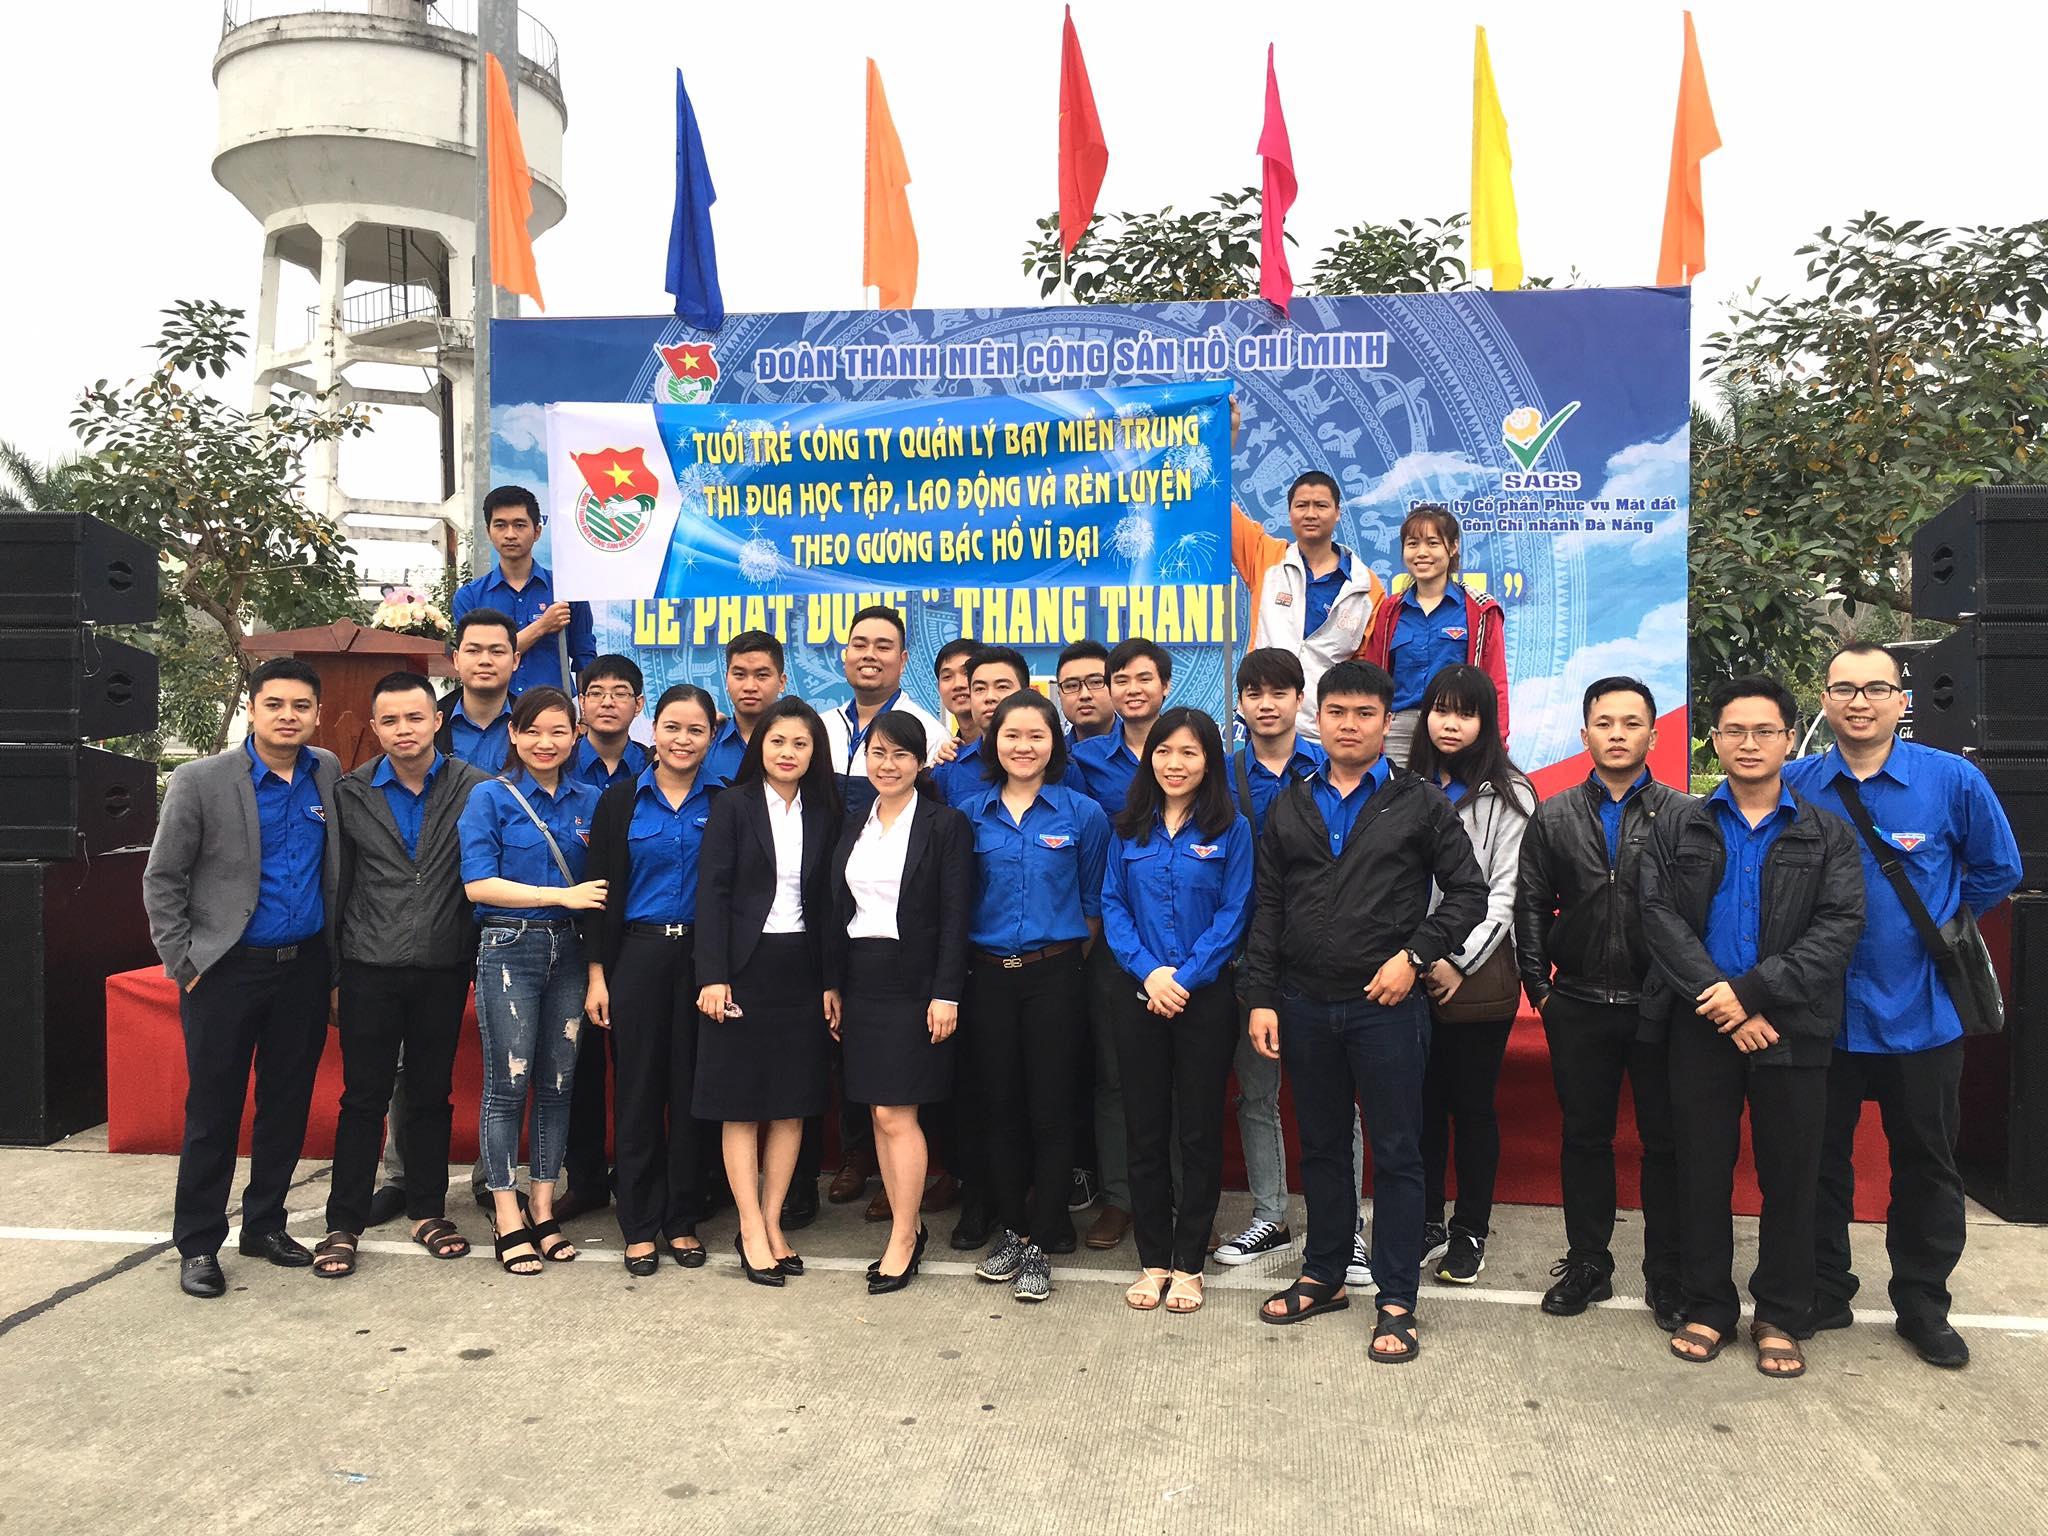 Tuổi trẻ QLBMT: Sôi nổi các hoạt động chào mừng Tháng thanh niên và Kỷ niệm 86 năm thành lập Đoàn TNCS Hồ Chí Minh